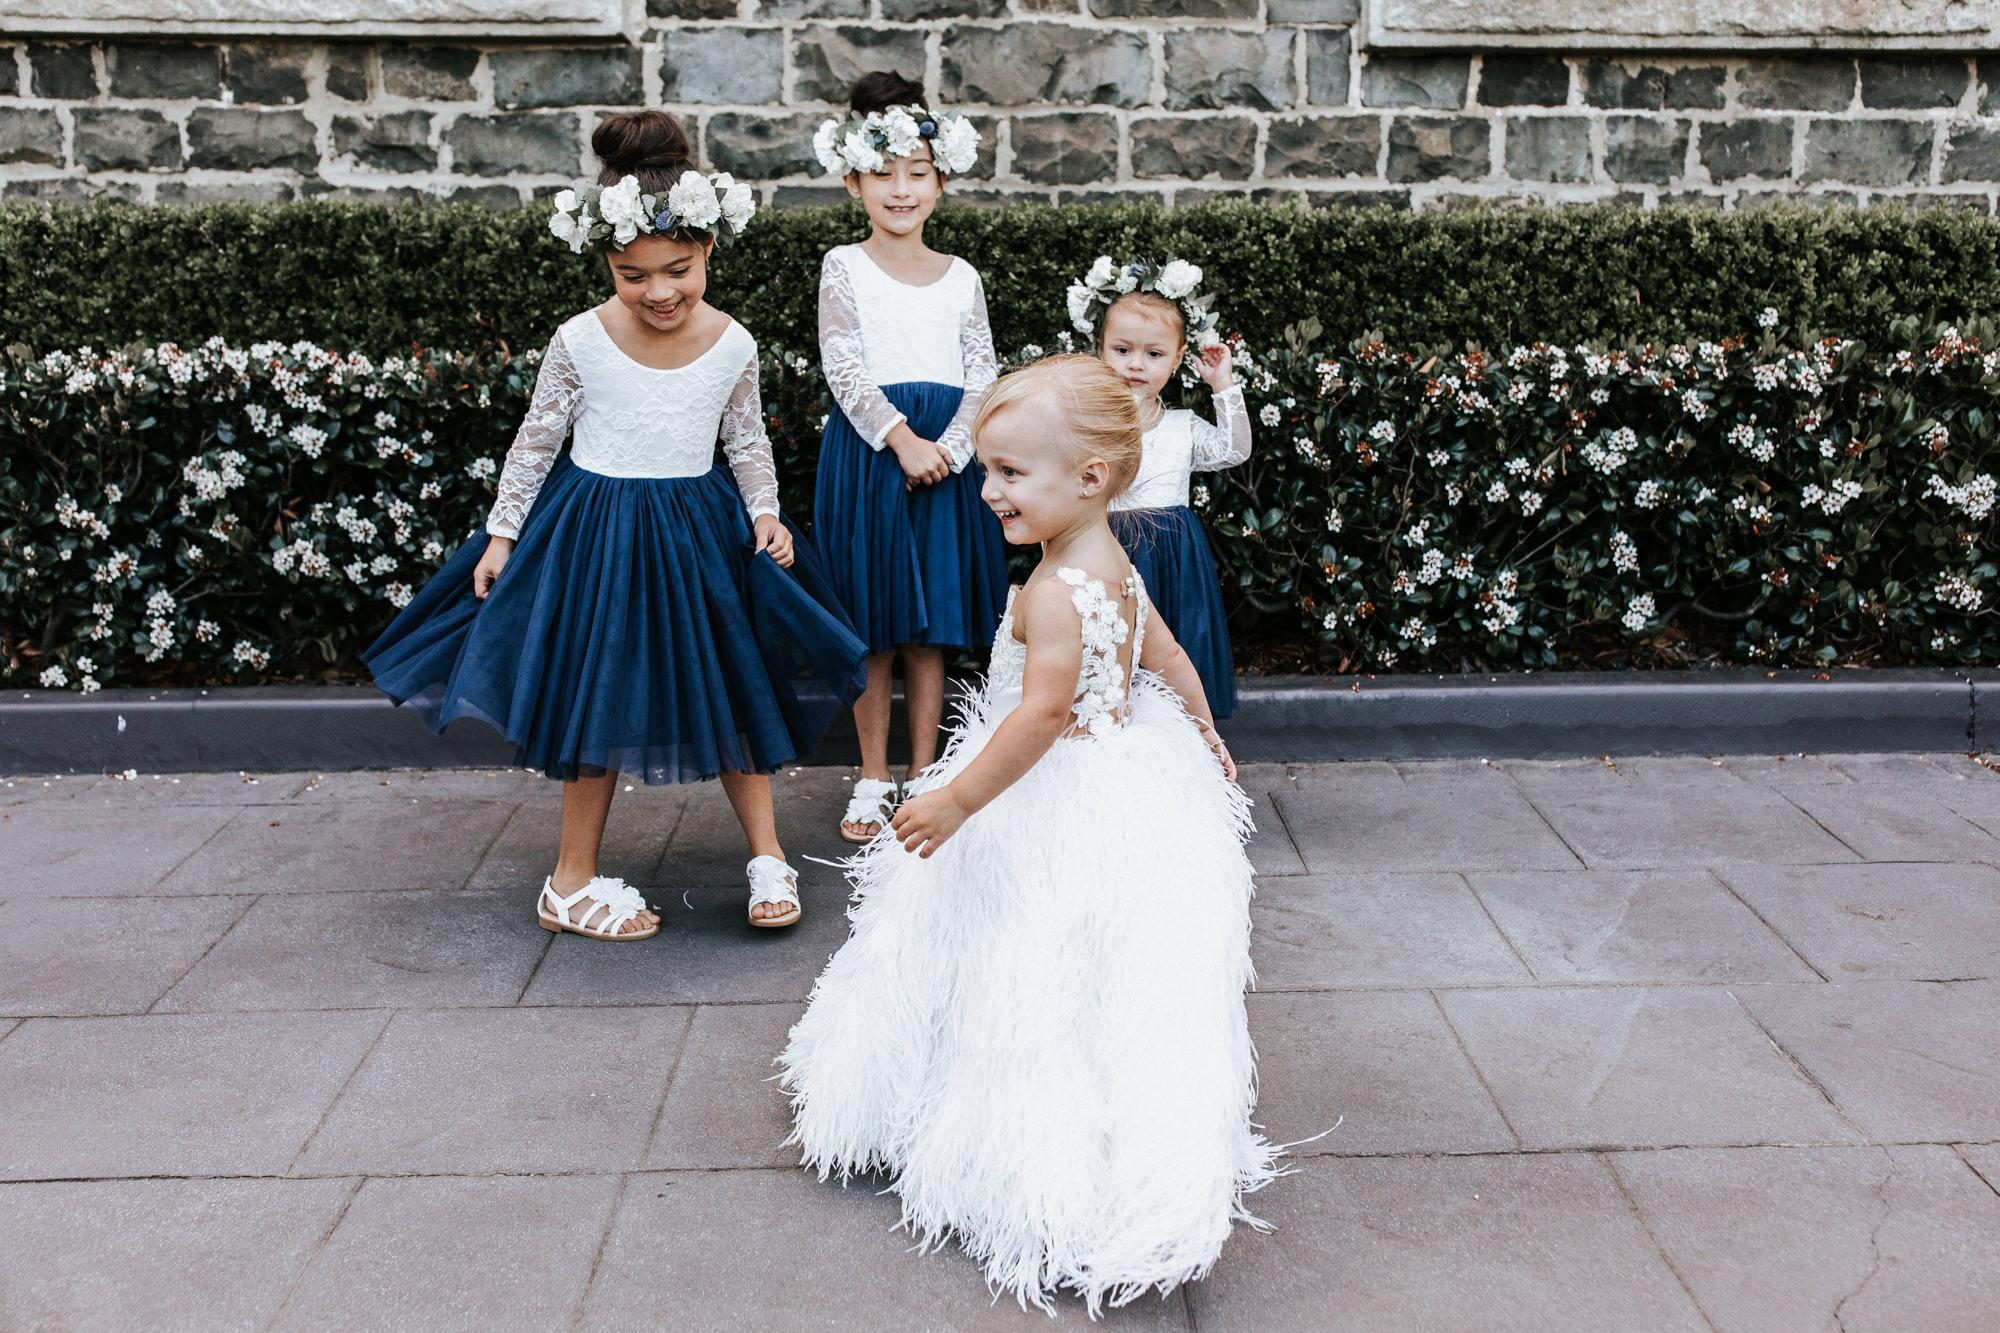 sebel-kiama-wedding-kaylee-braeden-19.jpg